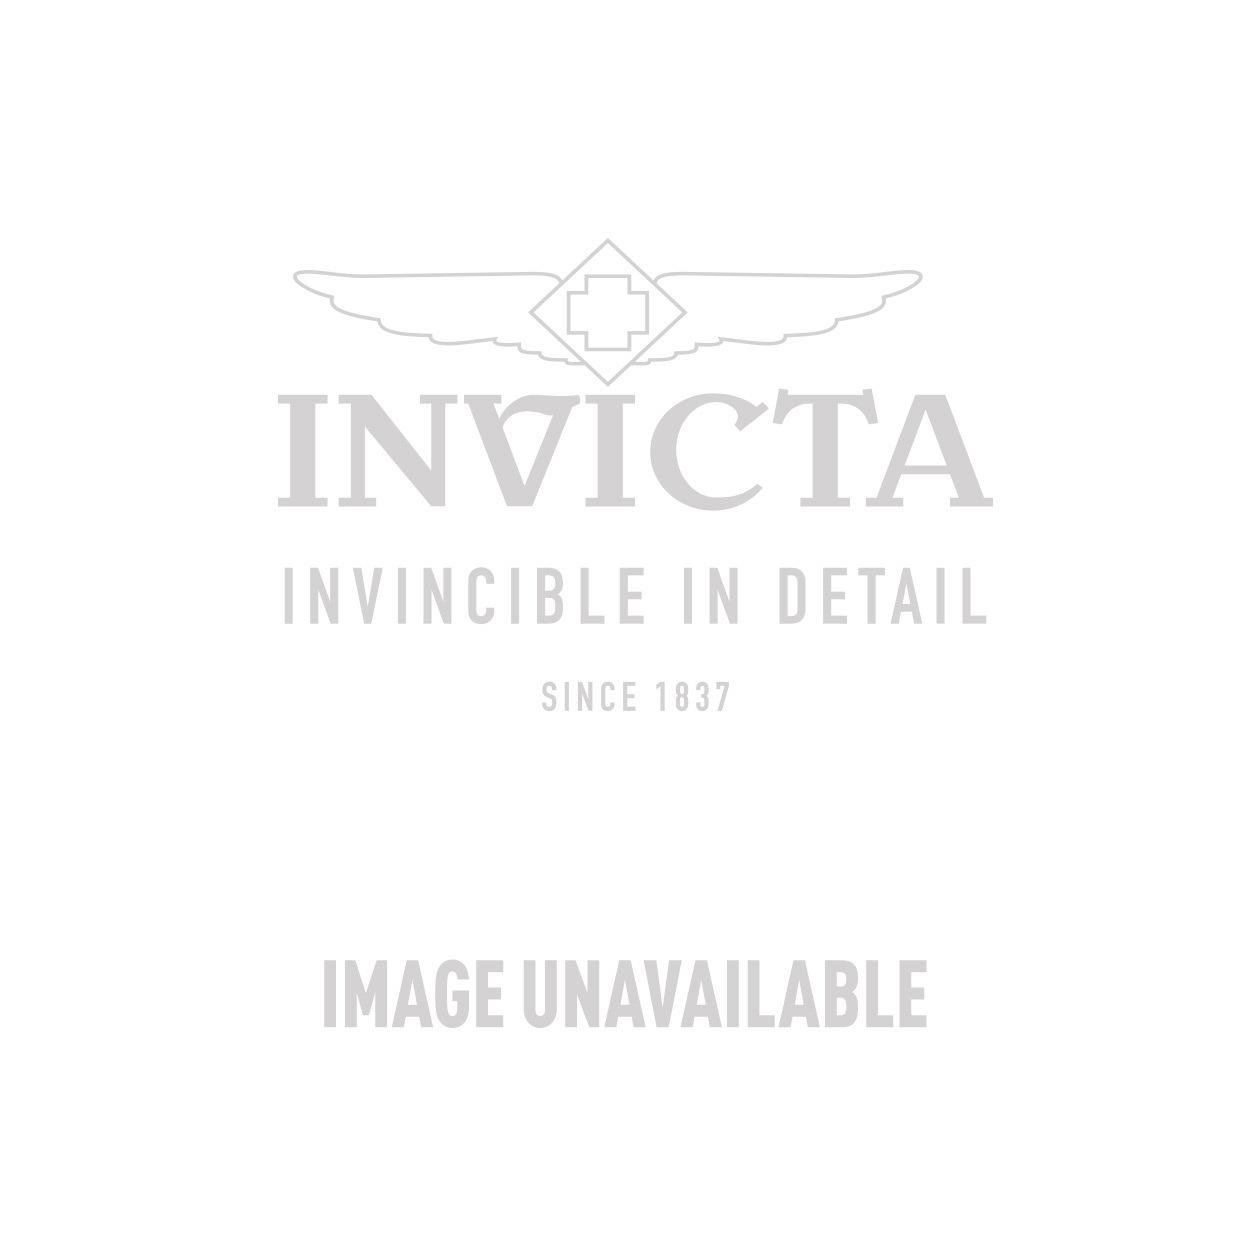 Invicta Model 25523